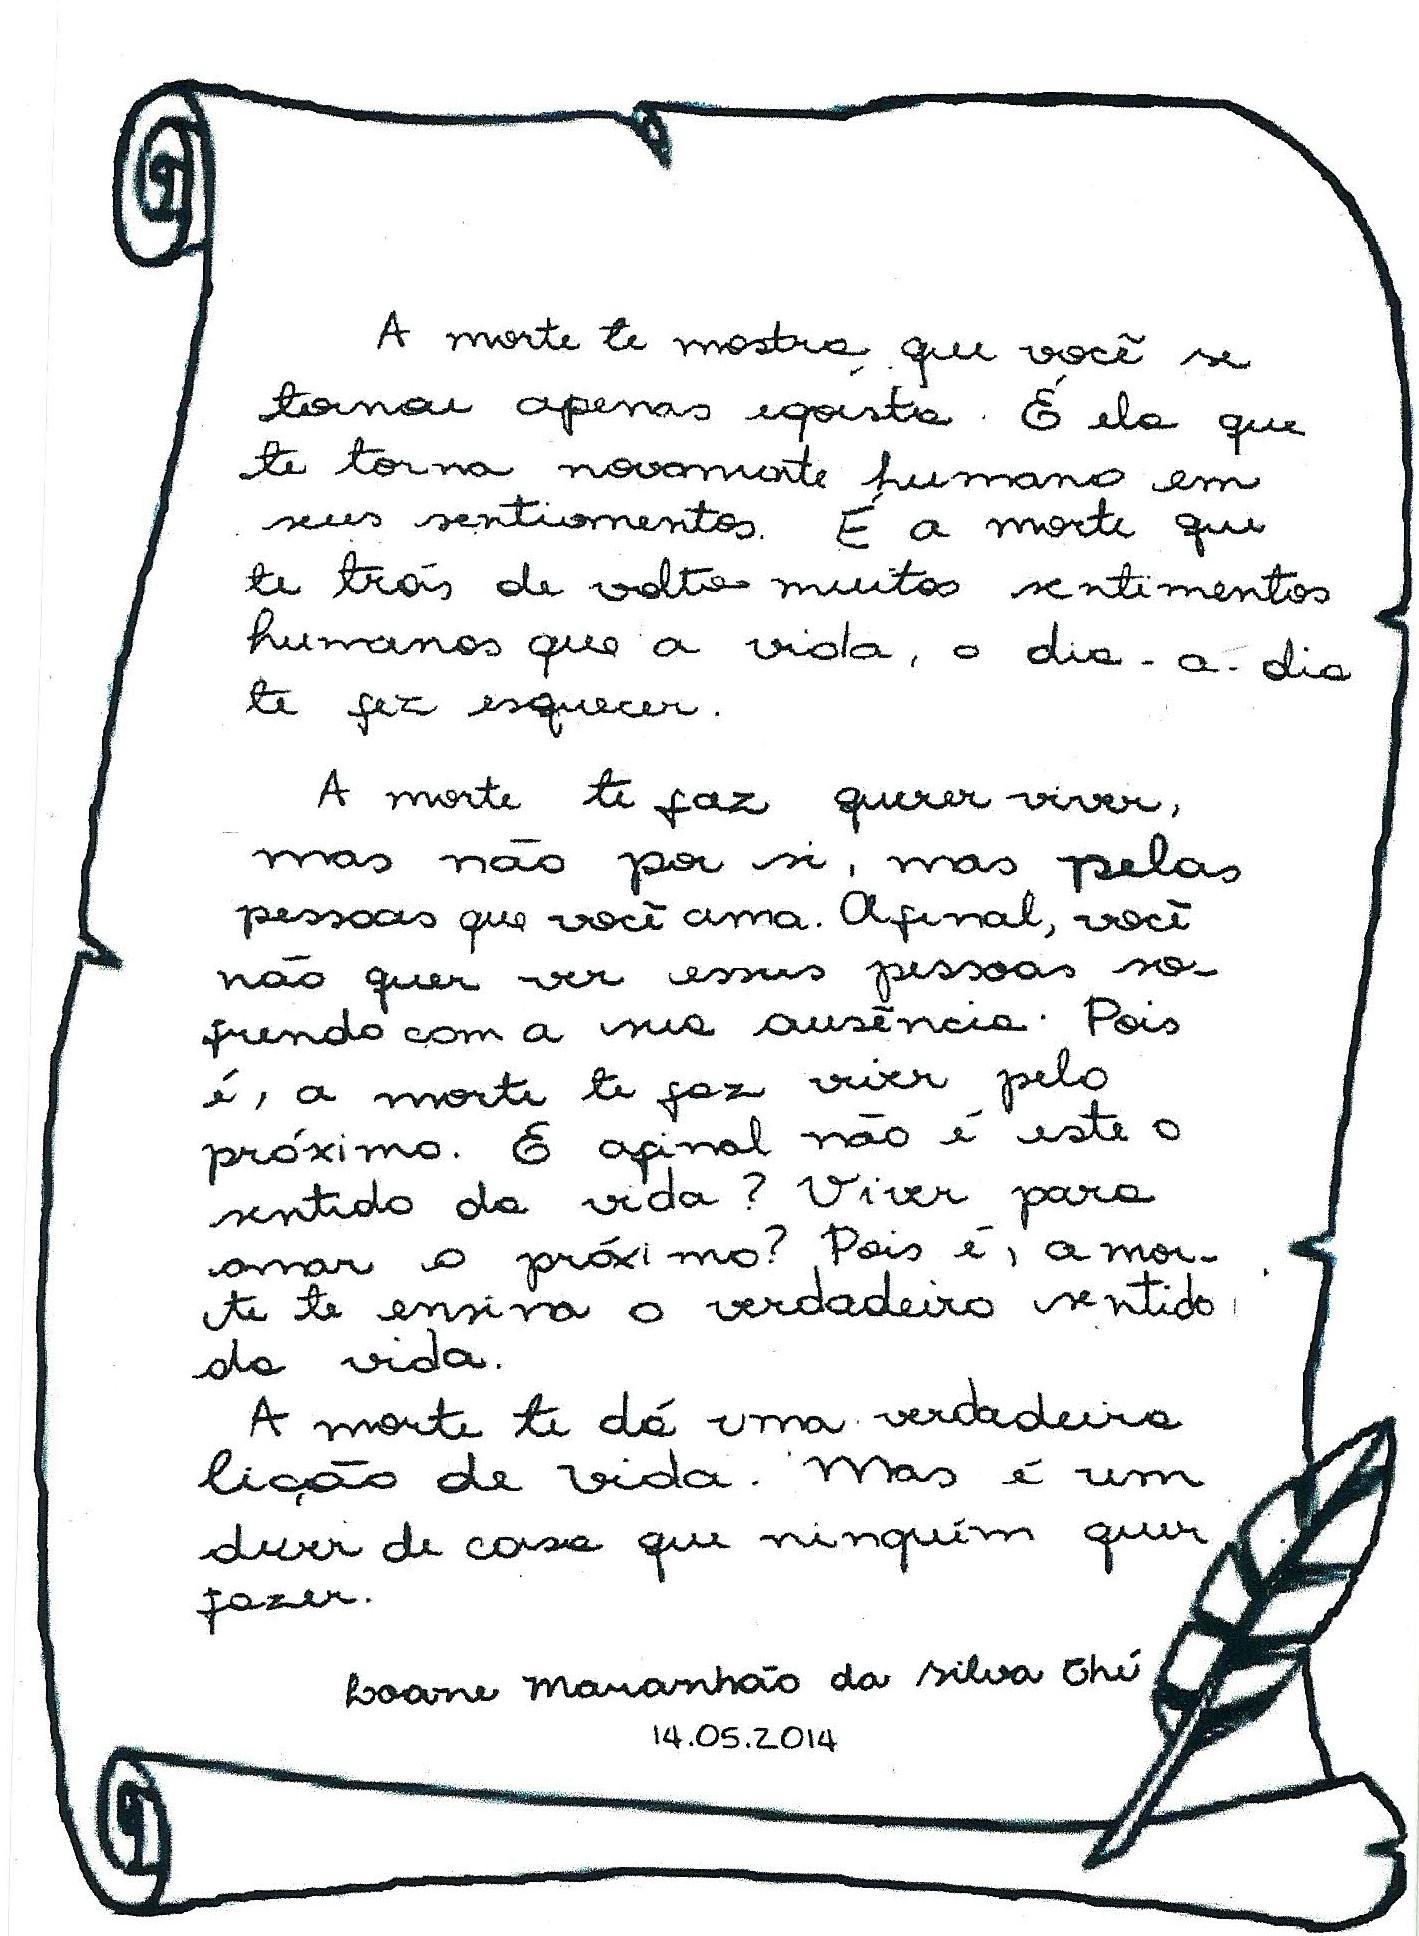 Escrivã assassinada durante depoimento escreveu poema sobre morte (Foto: G1)